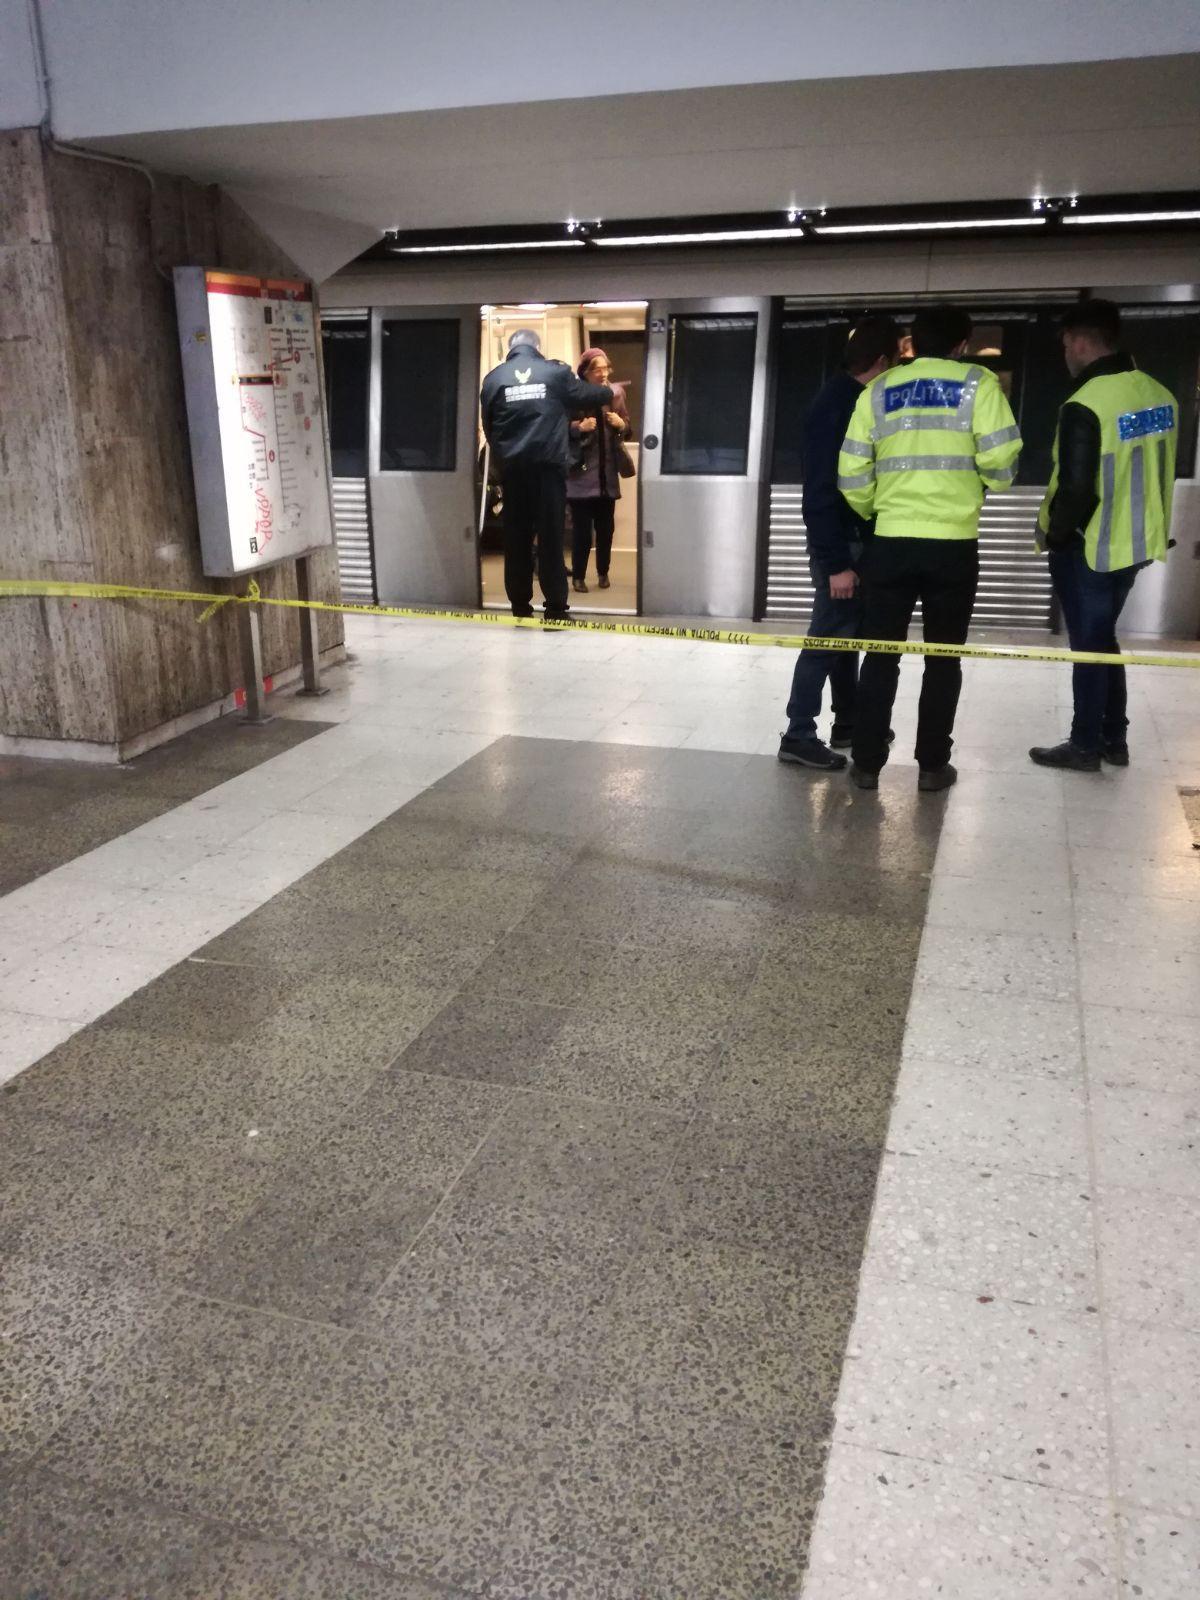 Cazul fetei ucise la metrou | Tatăl tinerei, despre criminală: Instituţiile să o ţină legată/ Tânăra ucisă la metrou a fost adoptată la vârsta de şapte ani de vecinii de peste stradă